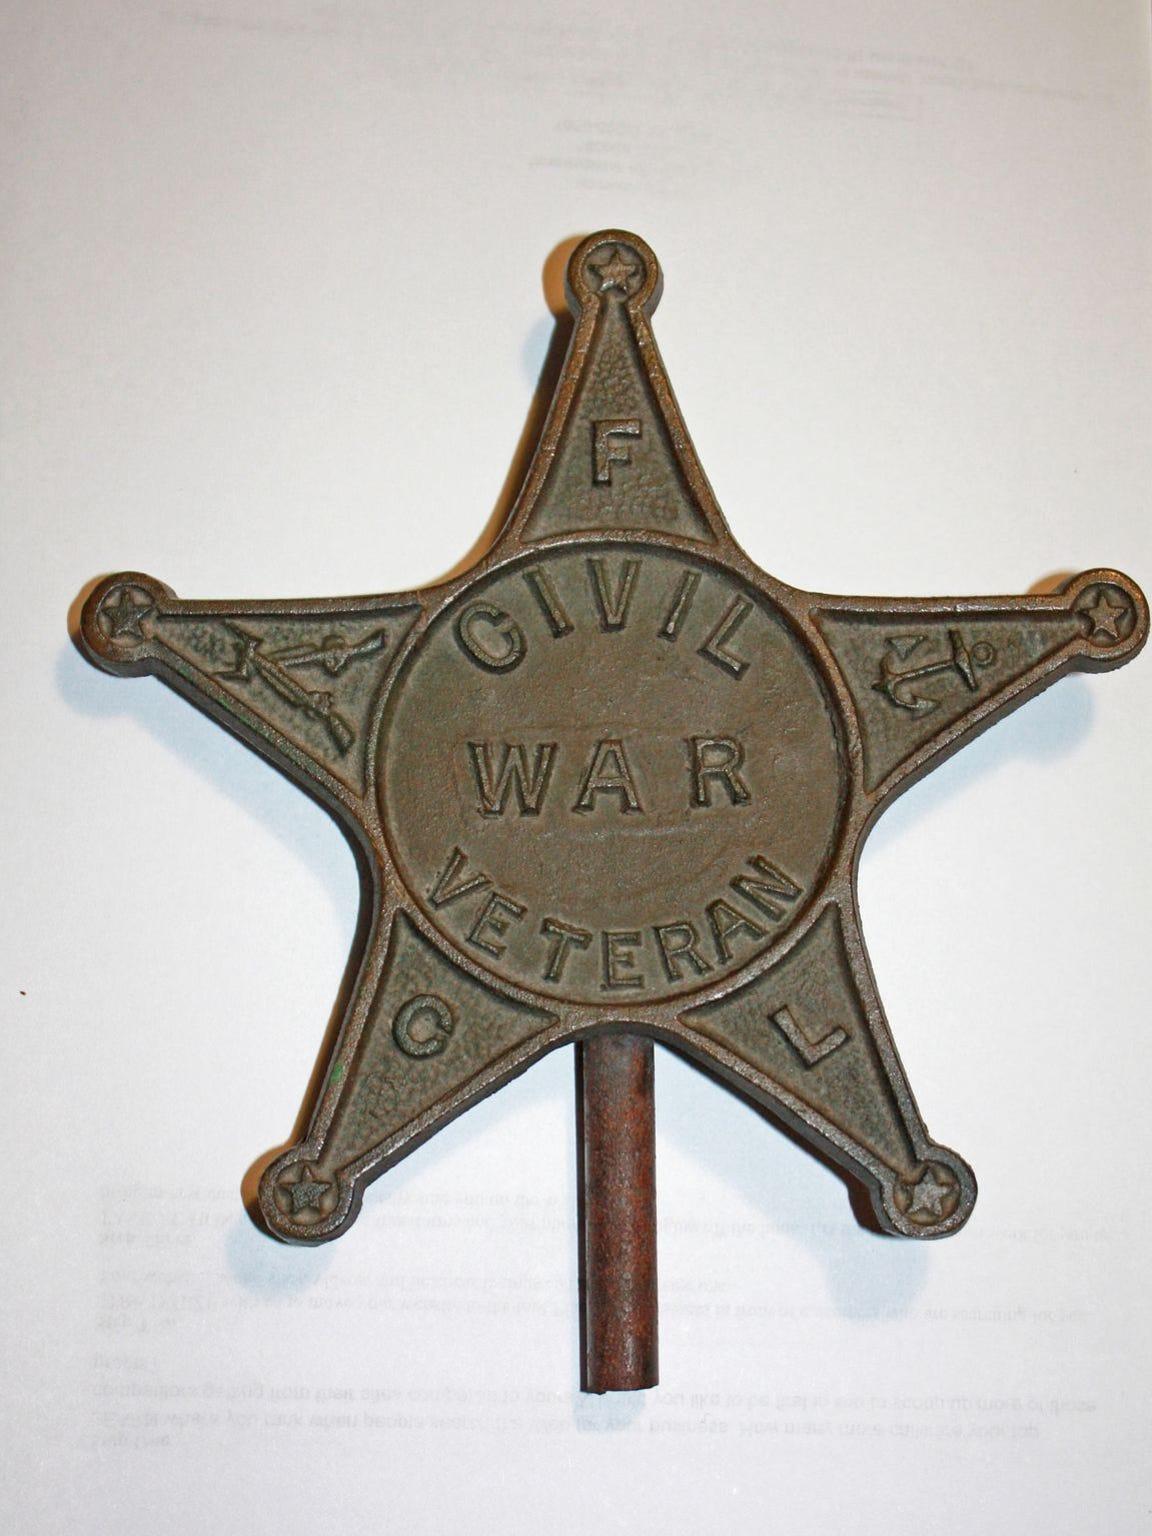 Thomas Moncrief's Civil War Veteran star